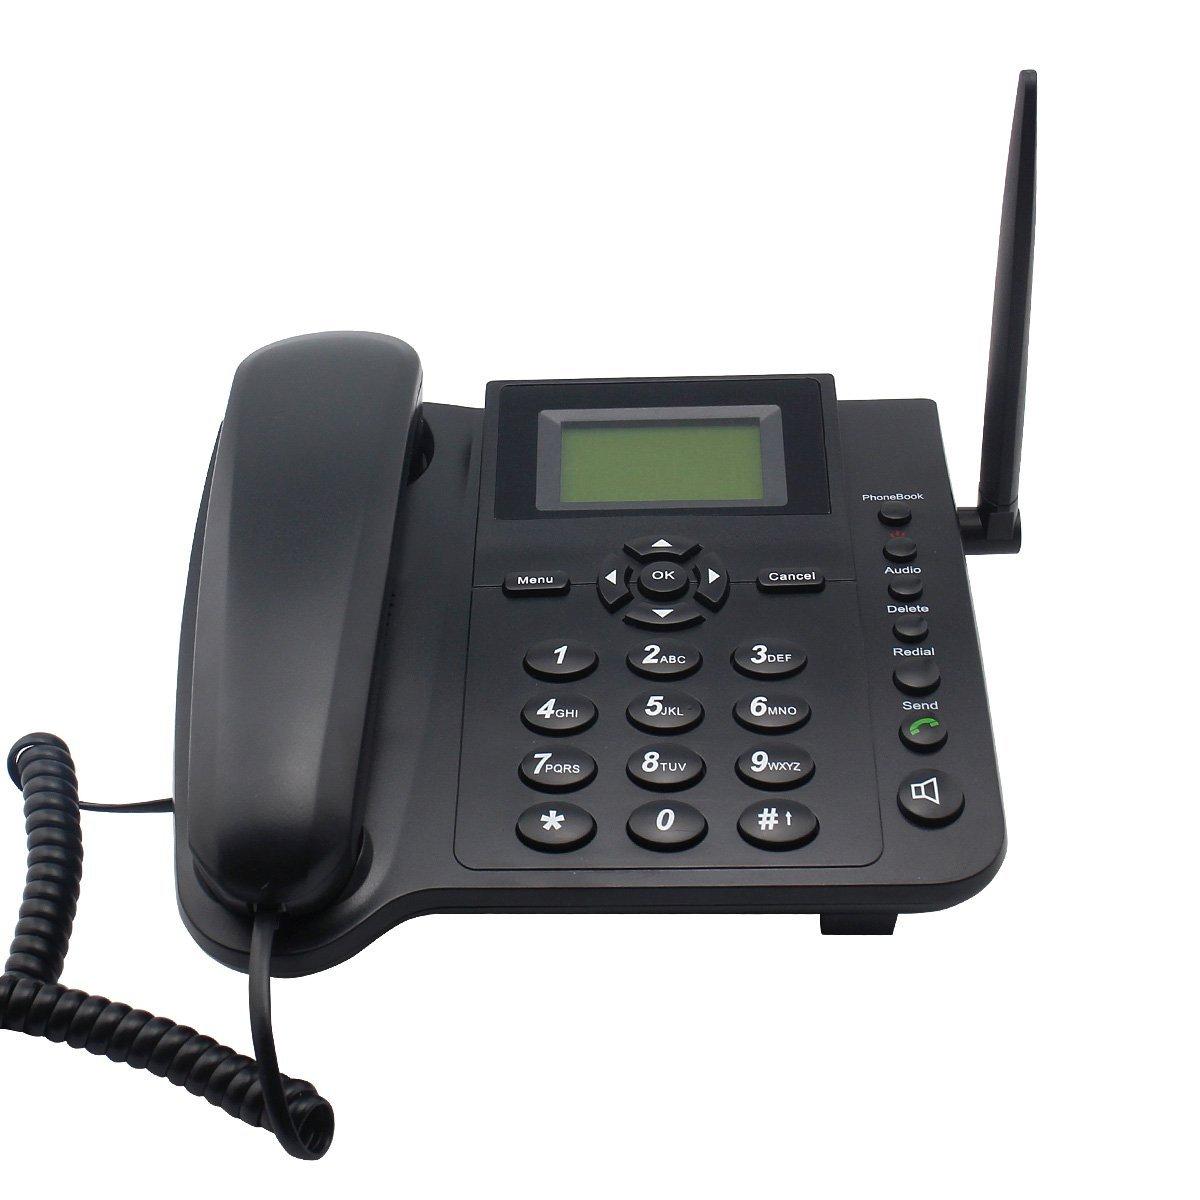 Sourcingbay - M281 teléfono fijo: Amazon.es: Electrónica